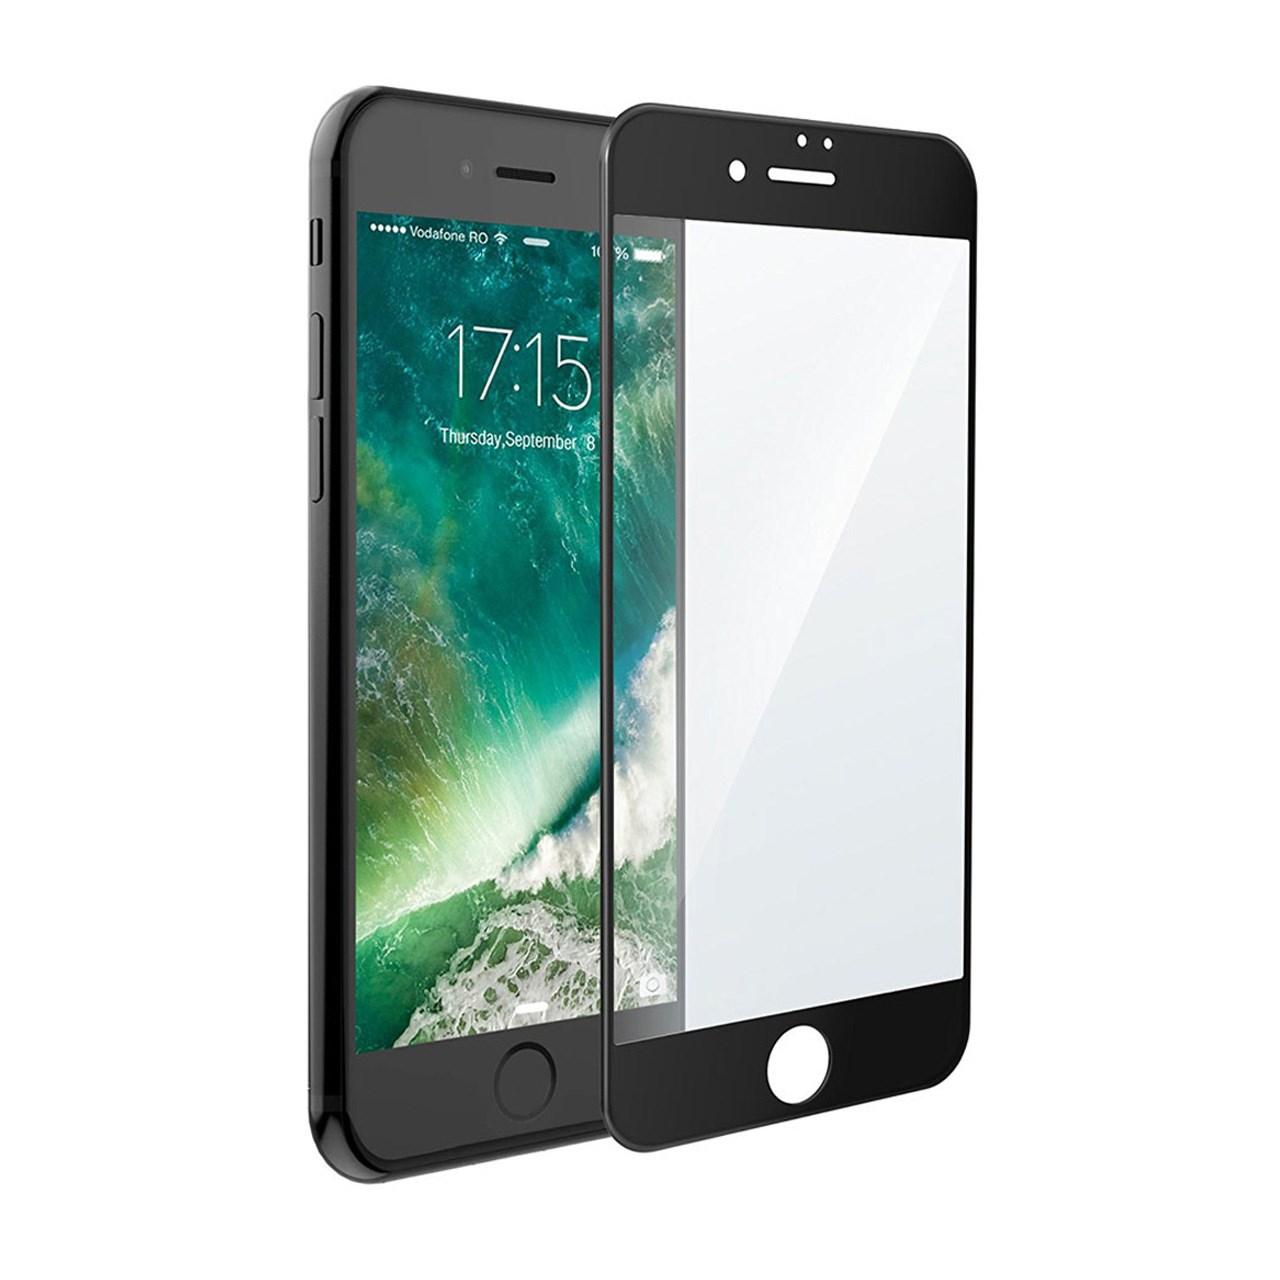 محافظ صفحه نمایش آر جی مدل Full Cover مناسب برای گوشی موبایل آیفون 8 پلاس